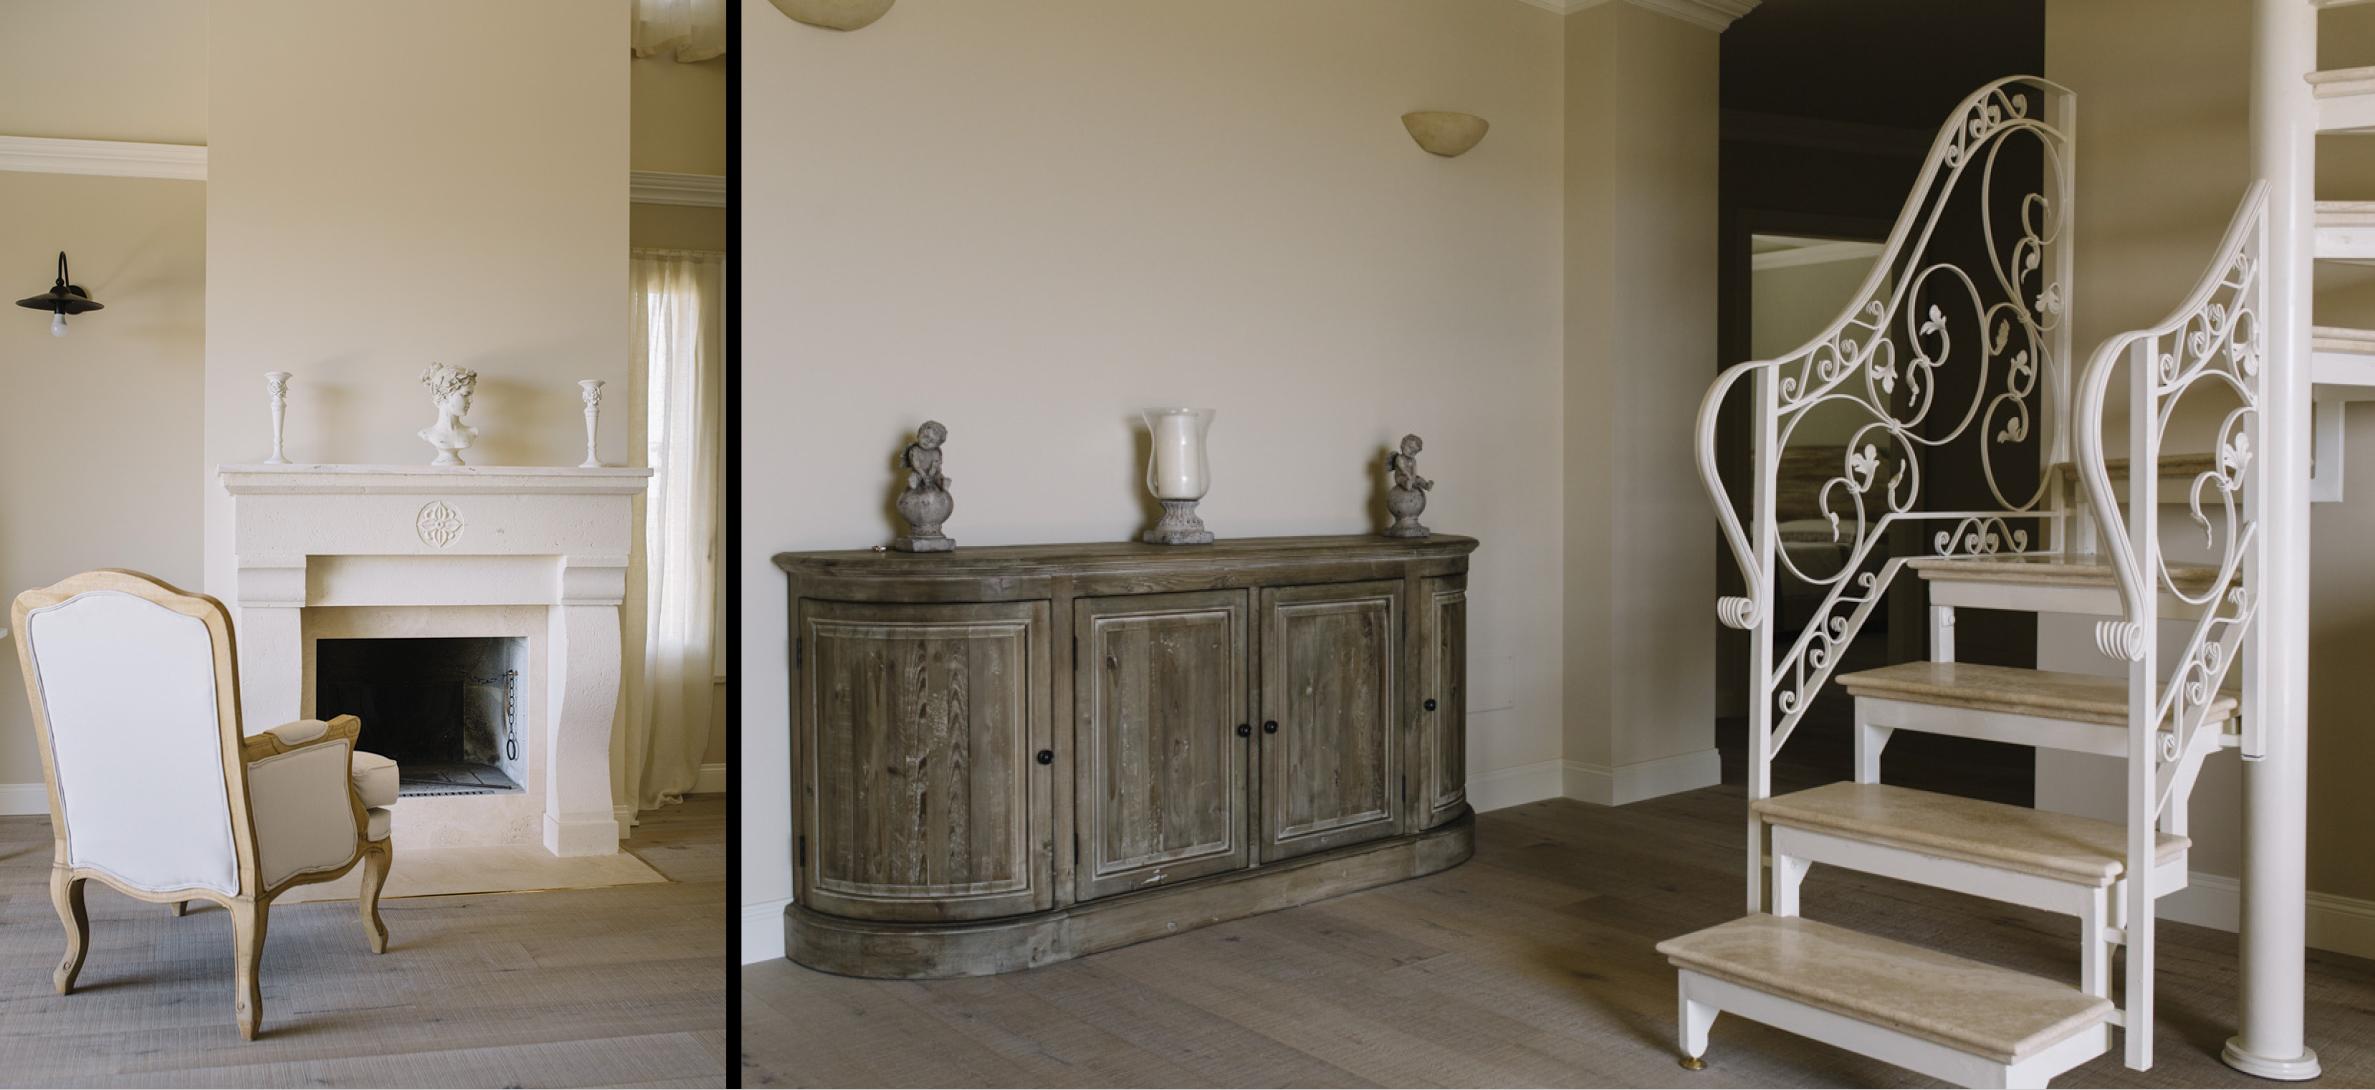 poltrona camino relax scala steps arredamento interiore dettagli giuseppe manzi studio fotografico